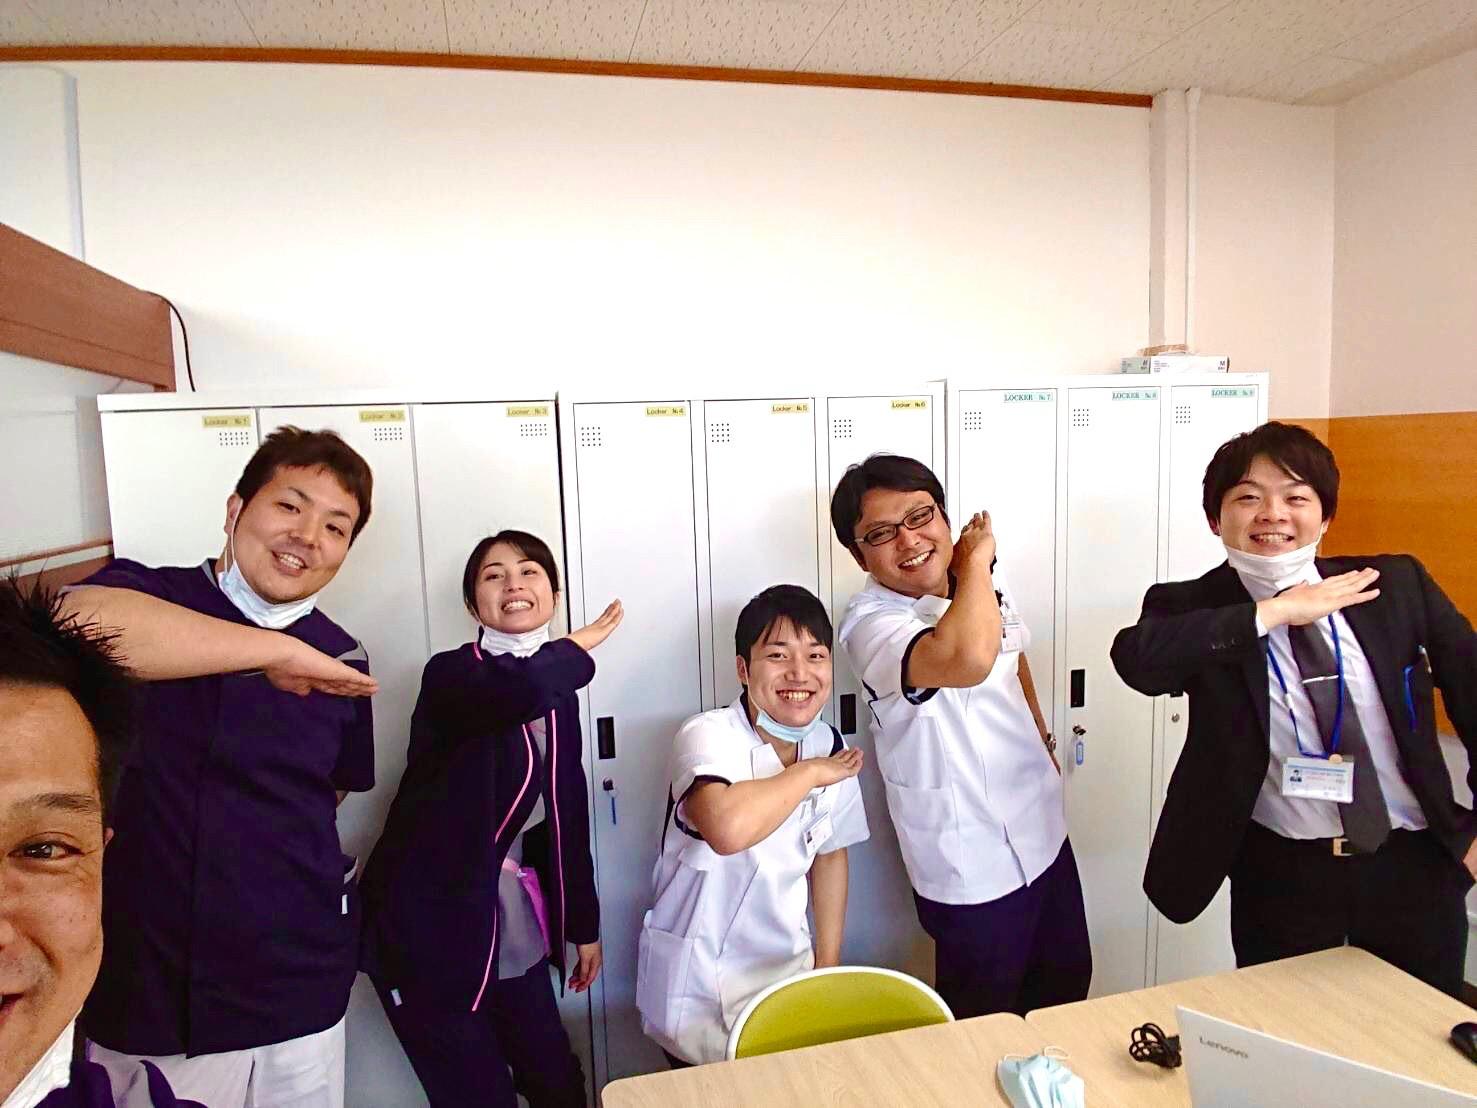 新卒・看護師たちは、今日も元気です!!